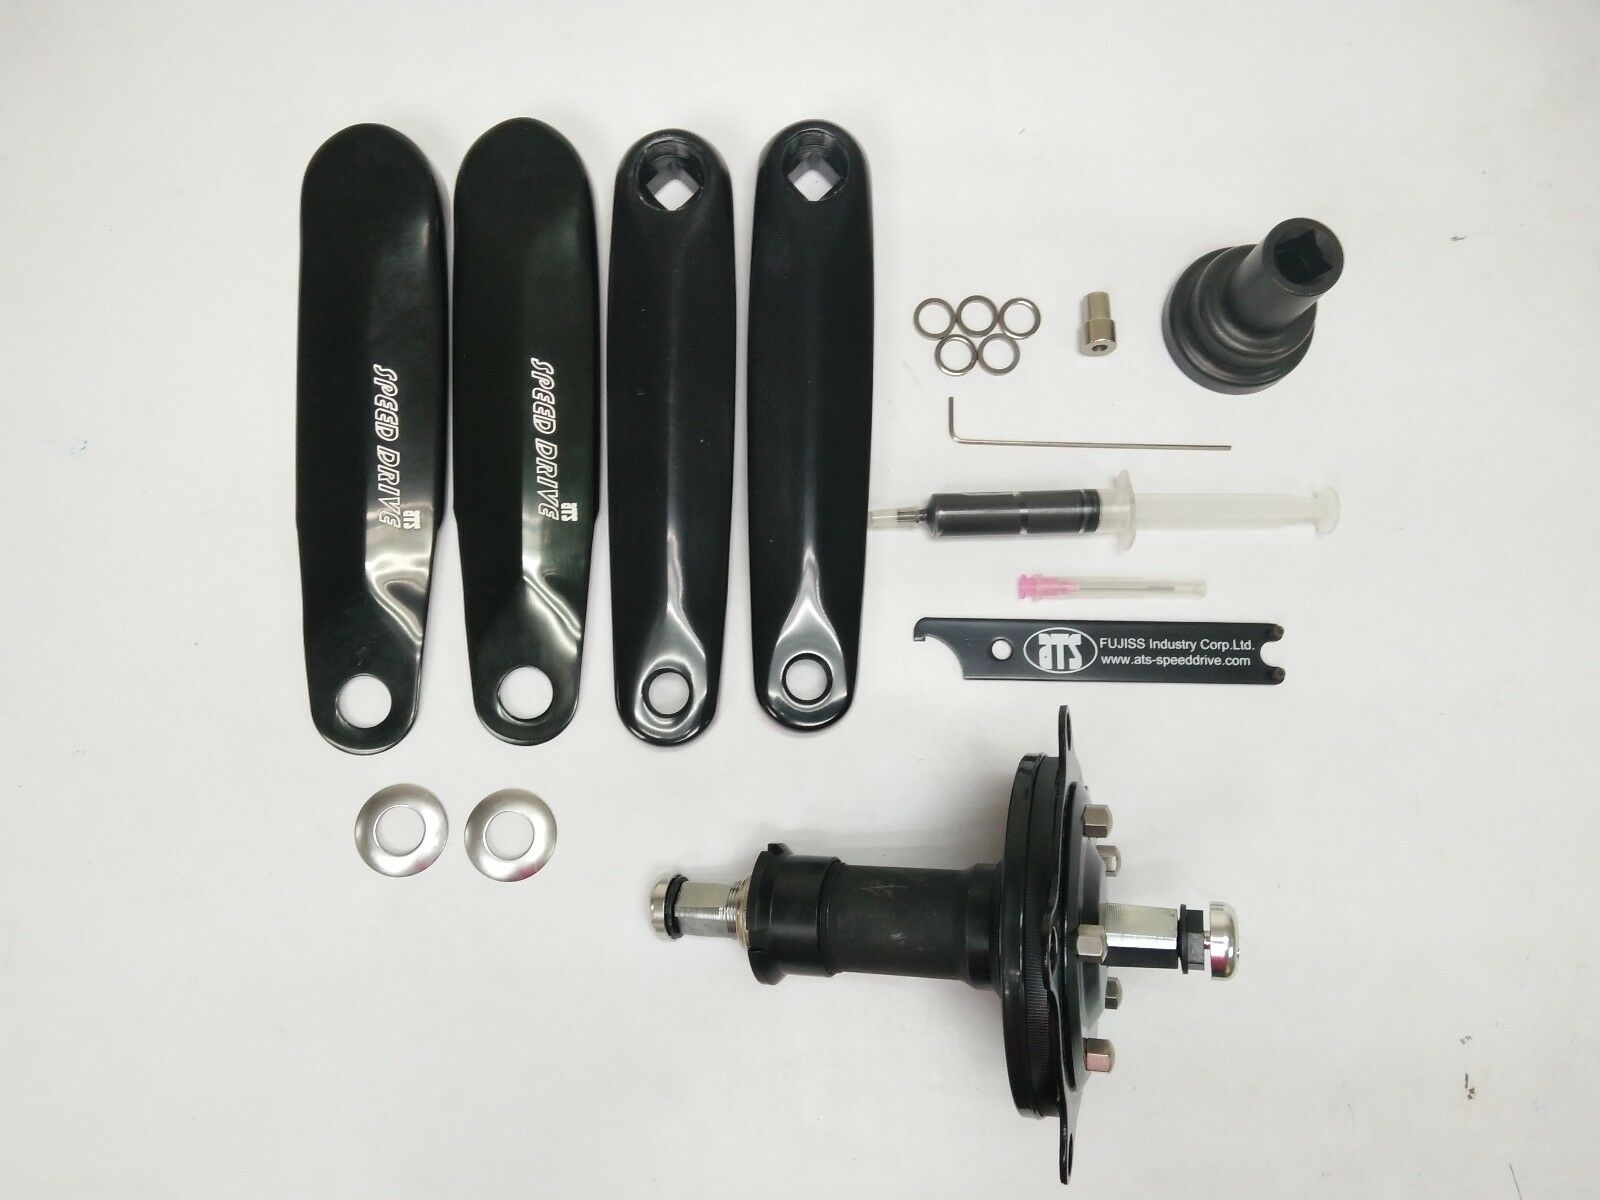 ATS Speed Drive Internal Gear crankset 2  speeds, 160mm, Carry Me Carryme,w tool  online cheap